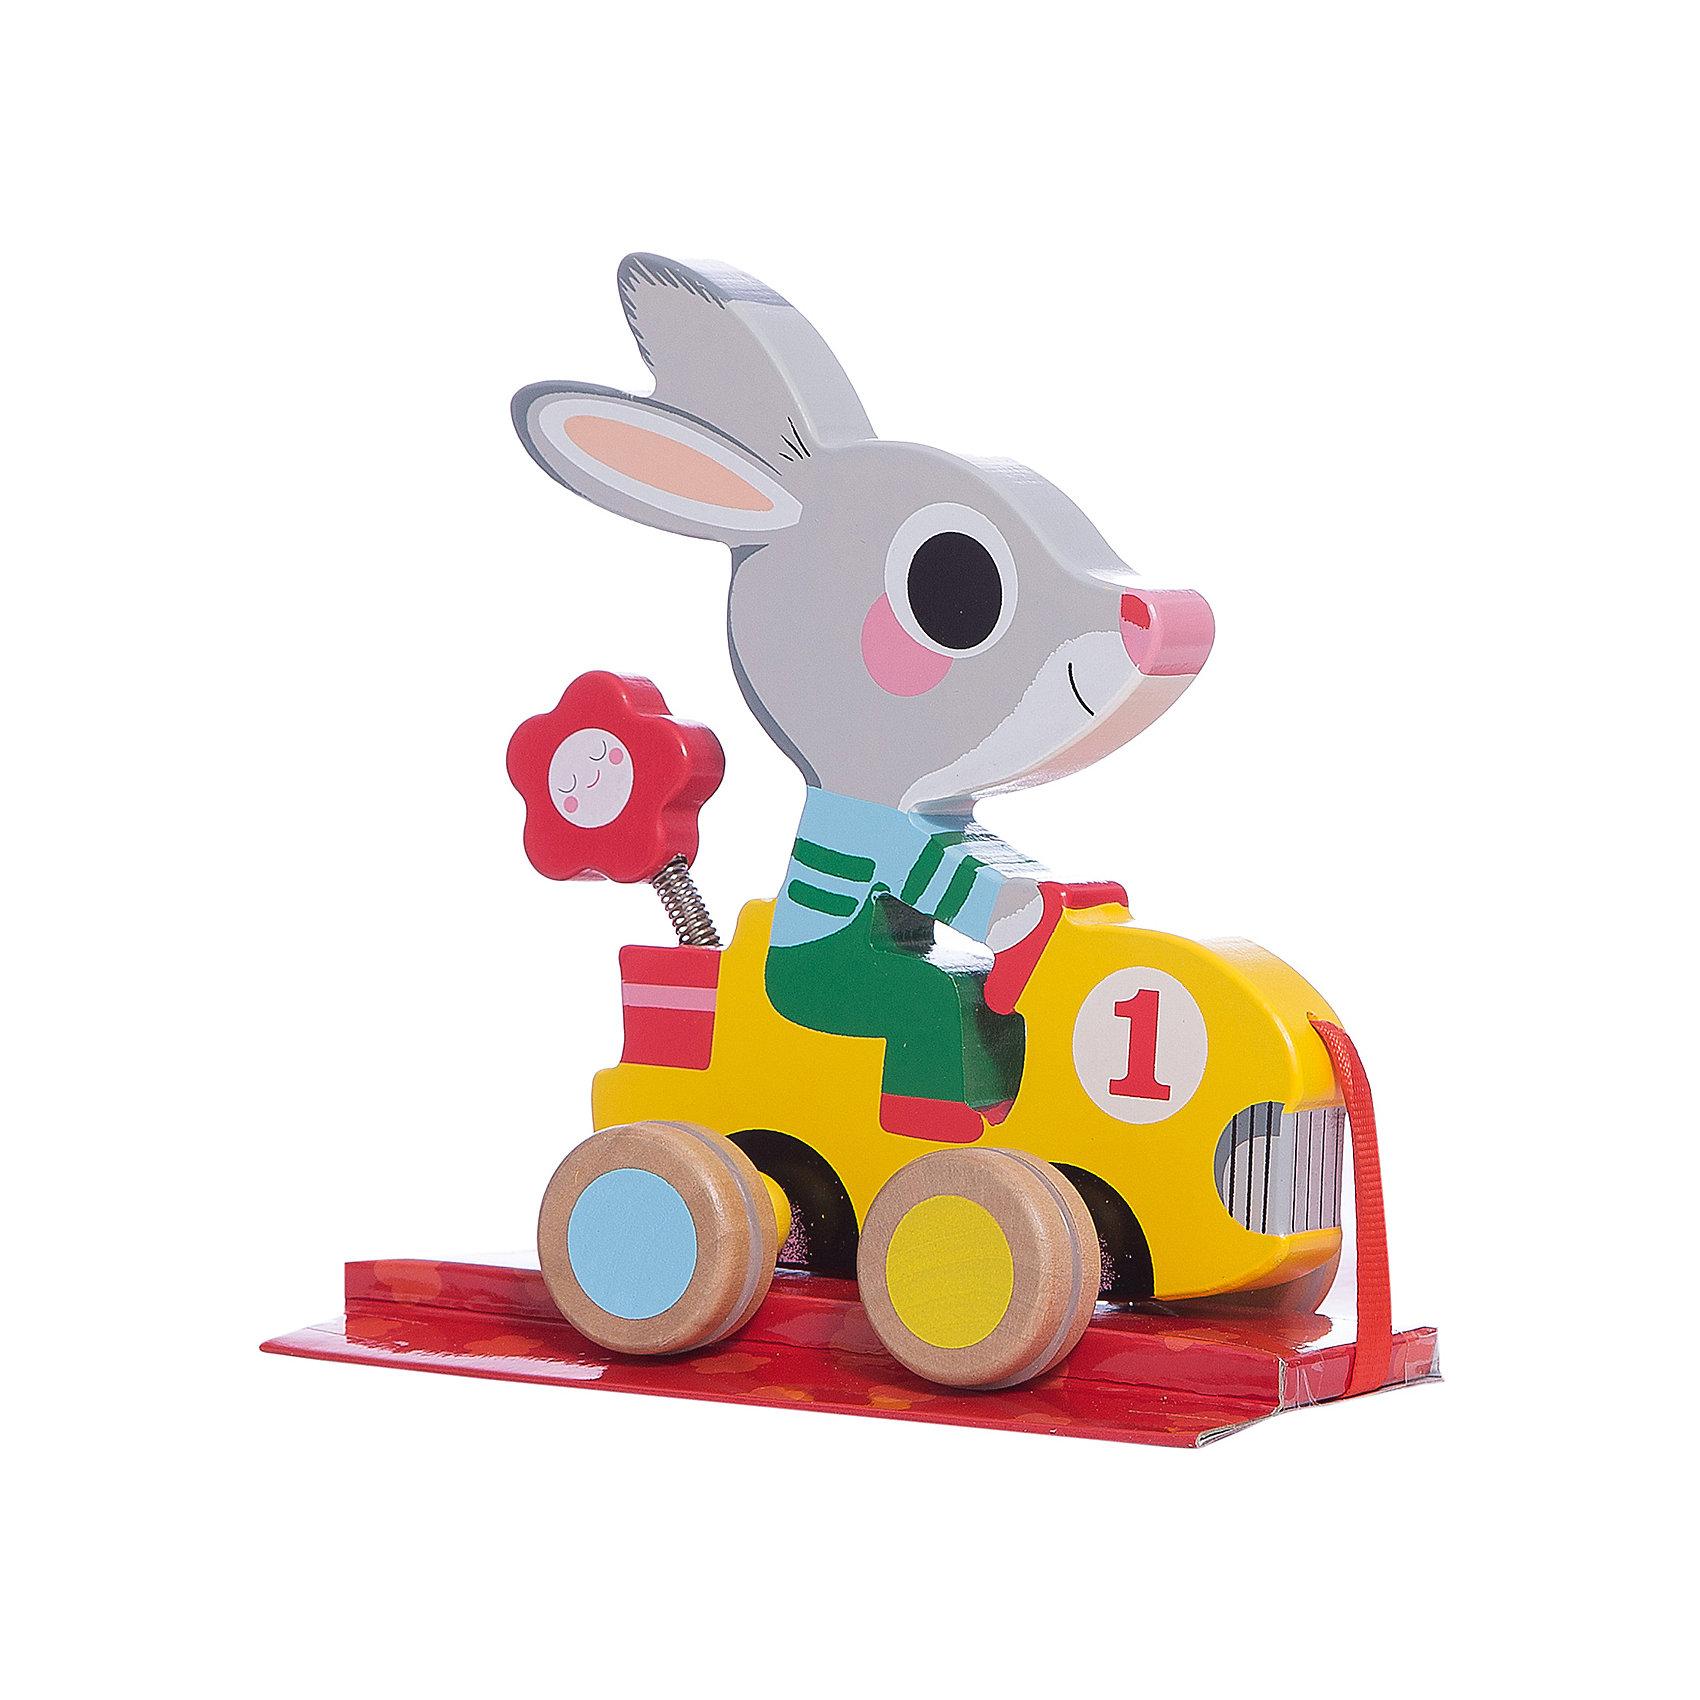 Каталка «Заяц» , DJECOИгрушки-каталки<br>Детская каталка в виде чудесного зайчика на машине – необходимая игрушка для ребенка, который делает свои первые шаги. Зайца можно просто покатать или повозить  за веревочку. Веселый зайчик станет незаменимым помощником  и другом на первых самостоятельных прогулках вашего малыша. Игрушка выполнена из натурального дерева, не имеет острых углов и мелких деталей, раскрашена экологически чистыми красками на водной основе. Безопасна для детей. <br><br>Дополнительная информация:<br><br>- Материал: дерево, текстиль, резина.<br>- Размер: 13х16х10 см.<br>- Колеса имеют резиновые накладки.<br><br>Каталку «Заяц» , DJECO (Джеко), можно купить в нашем магазине.<br><br>Ширина мм: 150<br>Глубина мм: 170<br>Высота мм: 80<br>Вес г: 450<br>Возраст от месяцев: 18<br>Возраст до месяцев: 36<br>Пол: Унисекс<br>Возраст: Детский<br>SKU: 4051890